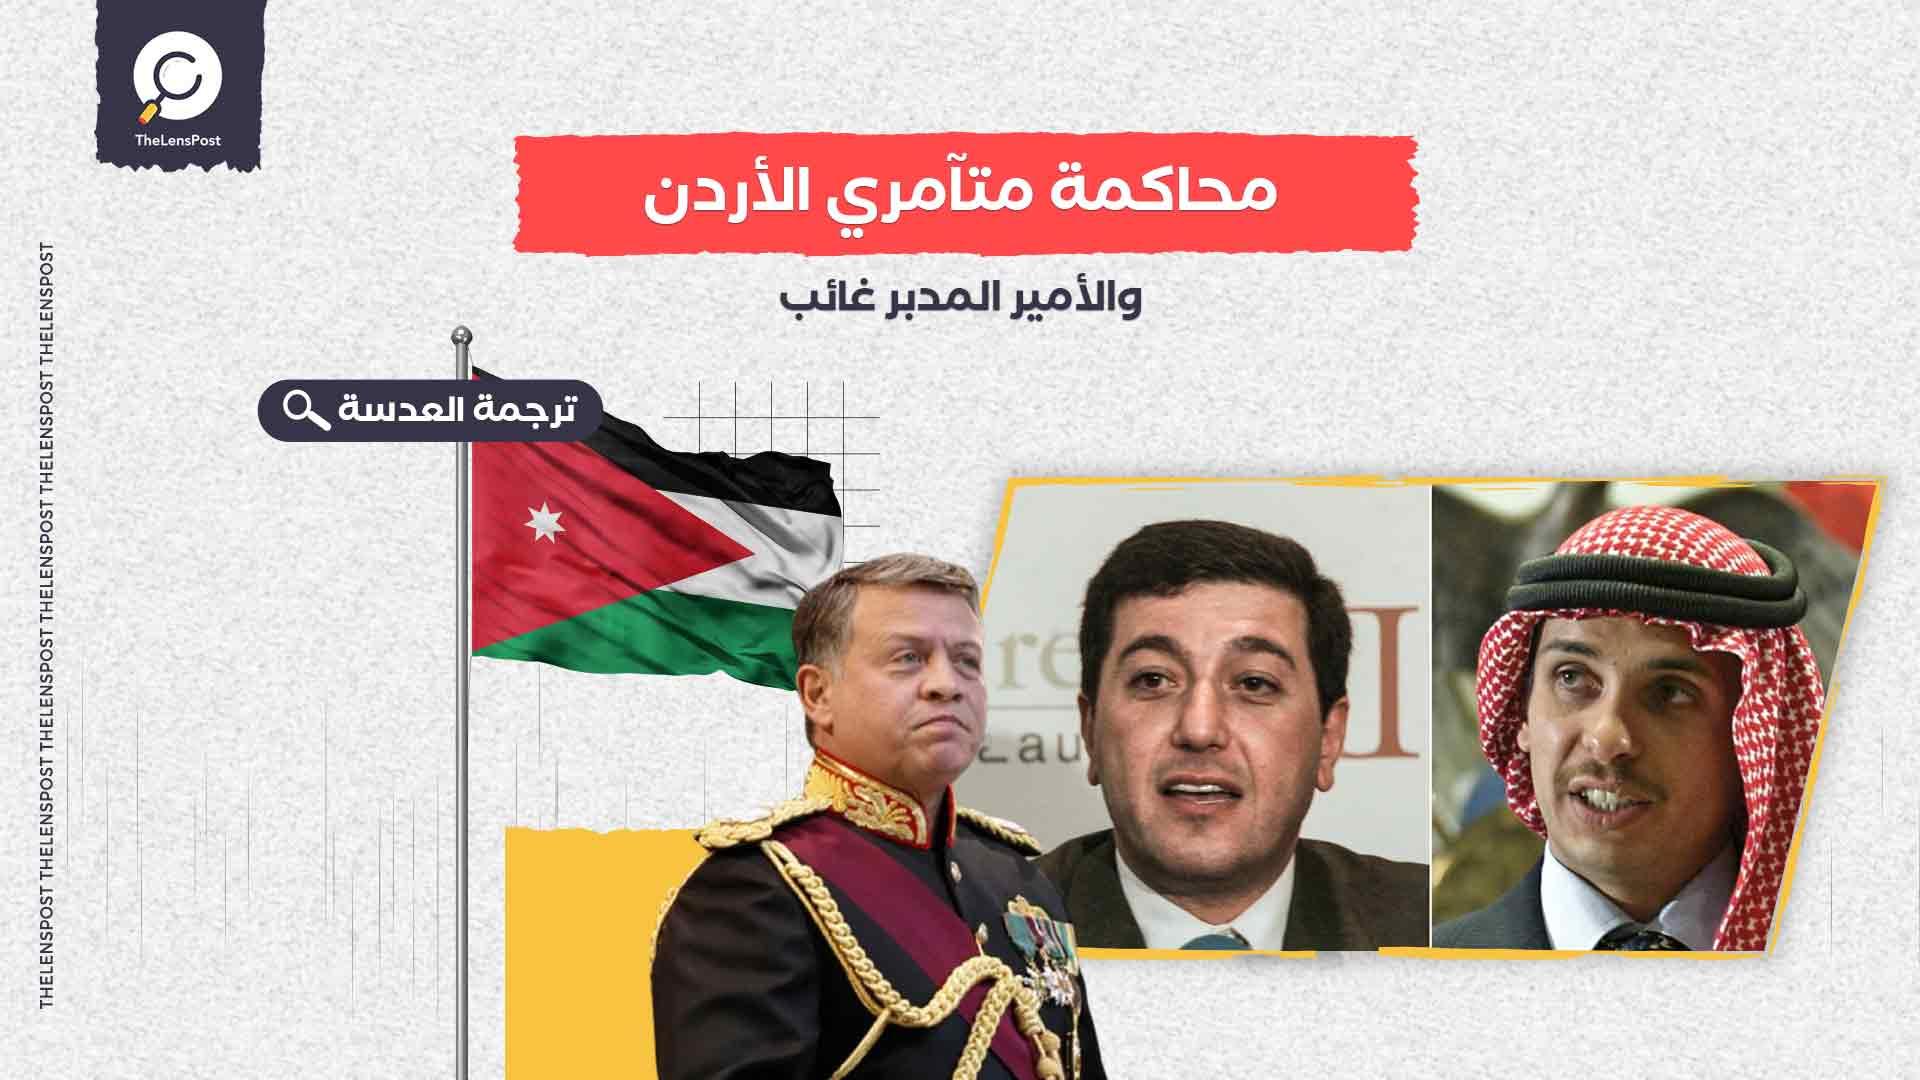 محاكمة متآمري الأردن ... والأمير المدبر غائب